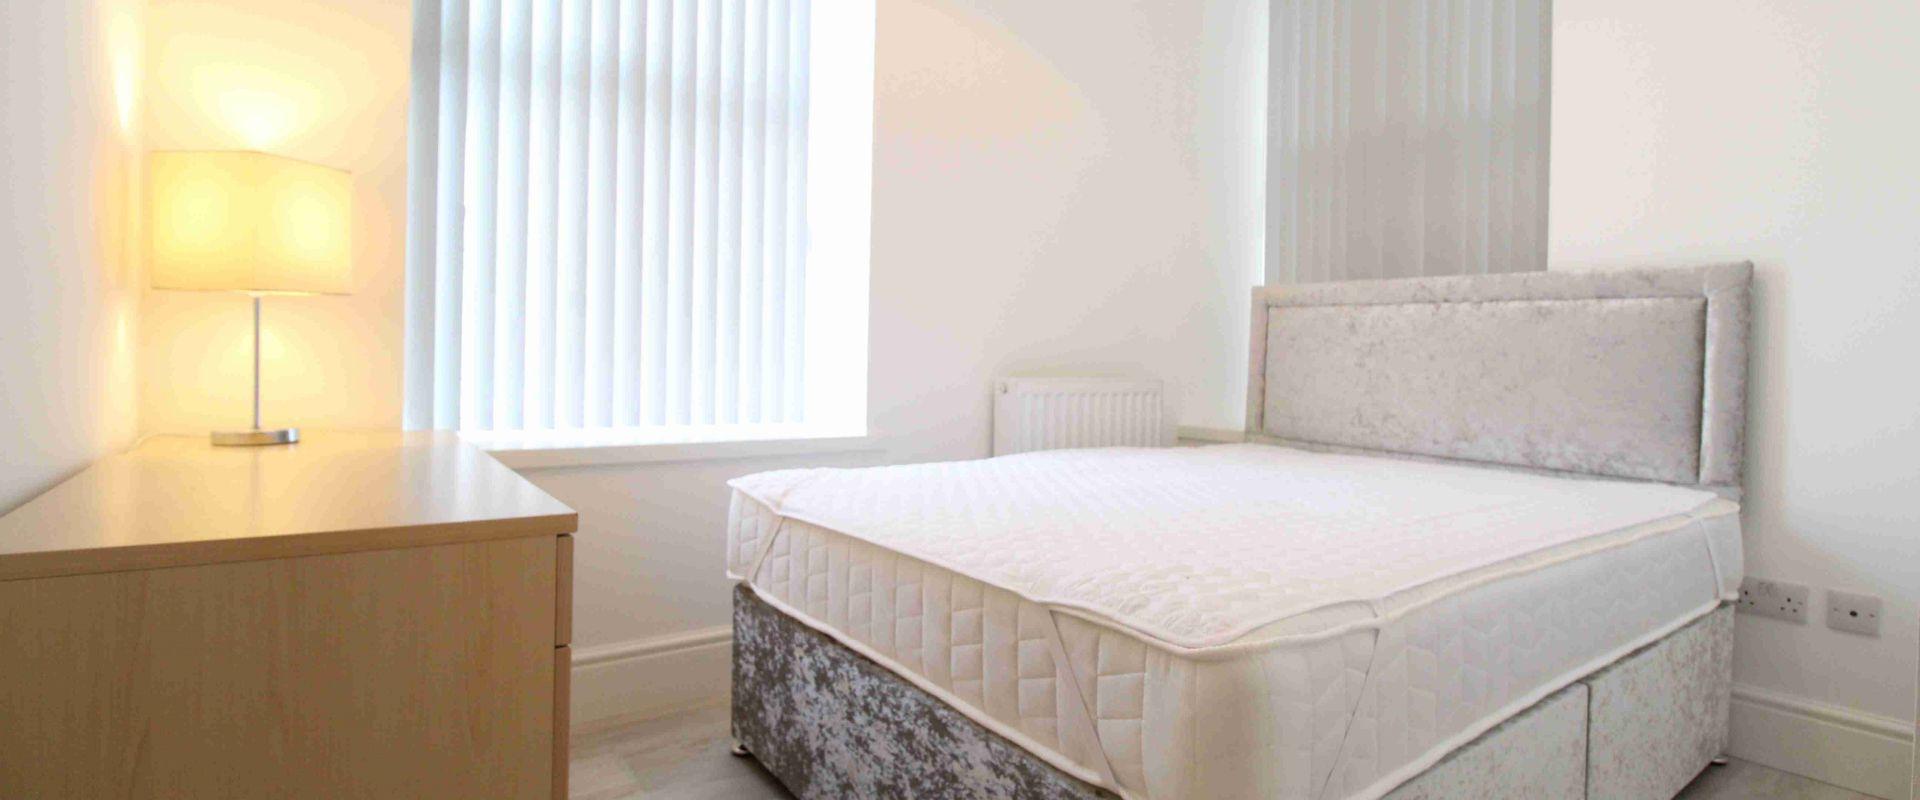 ARD-Properties-Development-Sites-Buy-Homes-Rent-Aberdeenshire-Rentals-Apartment-A-Loanhead-Terrace-Aberdeen-Banner (9)